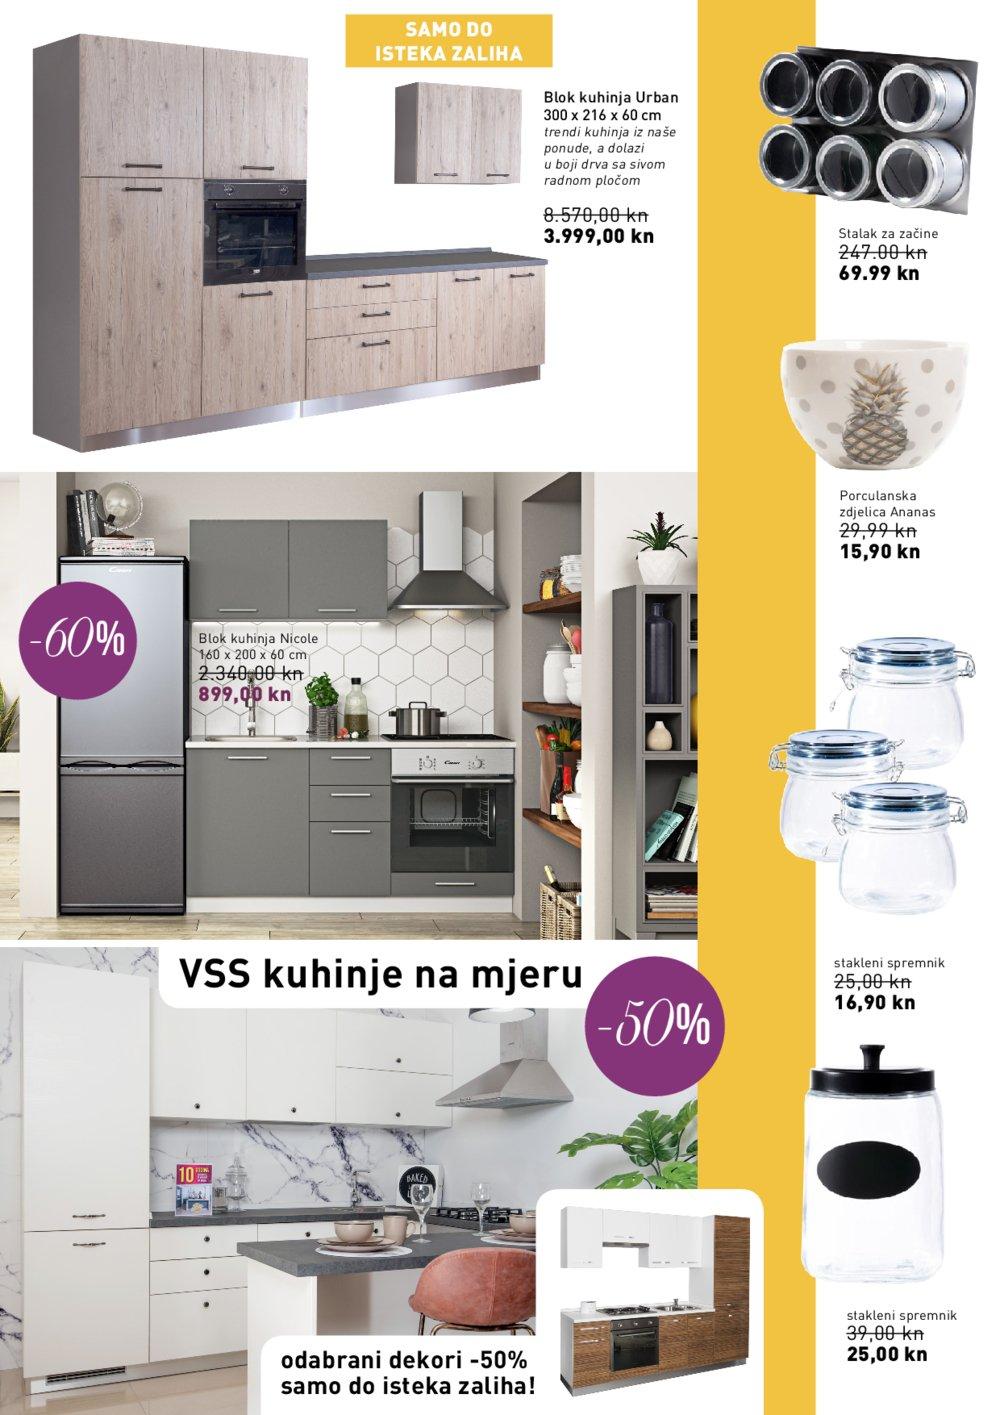 Mima katalog Siječanjska rasprodaja 01.01.-31.01.2020.